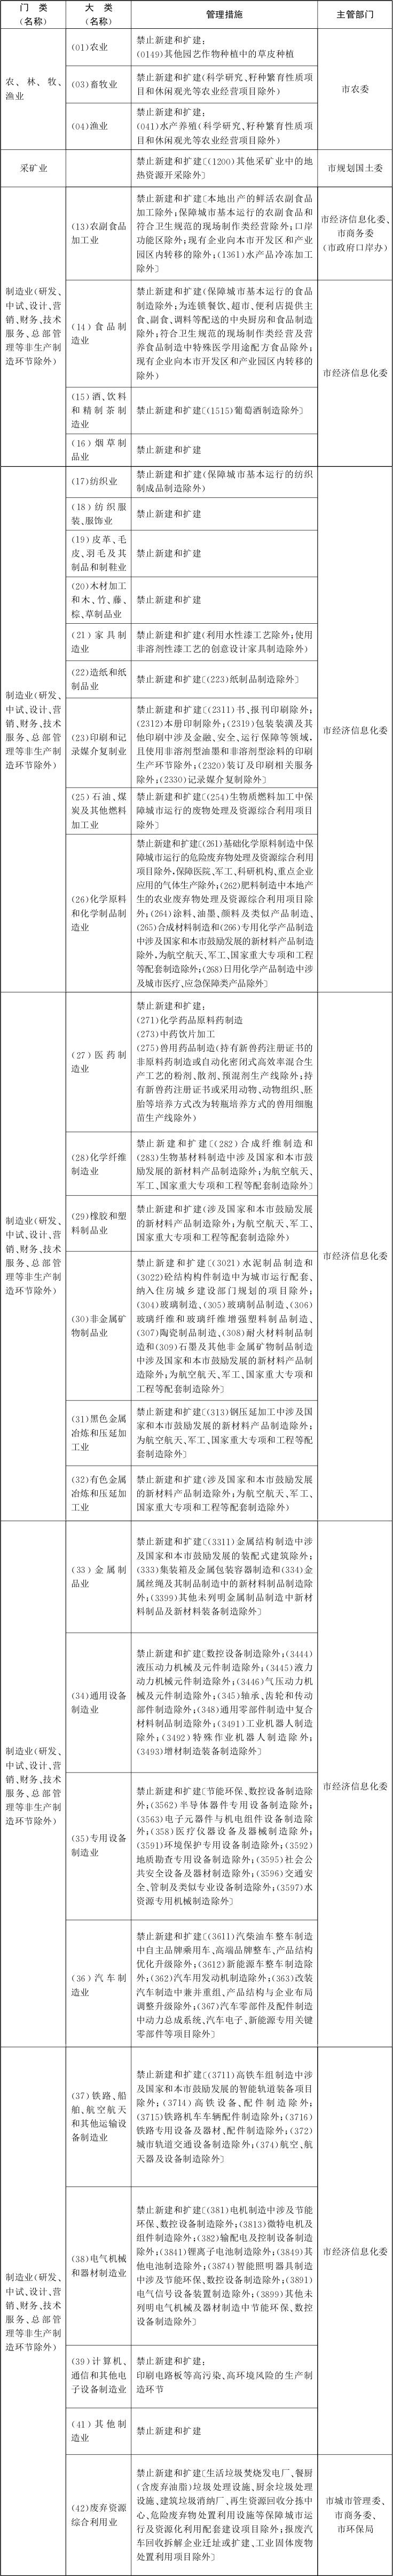 新版北京禁限目录公布东、西城区禁止新建纯商品住宅